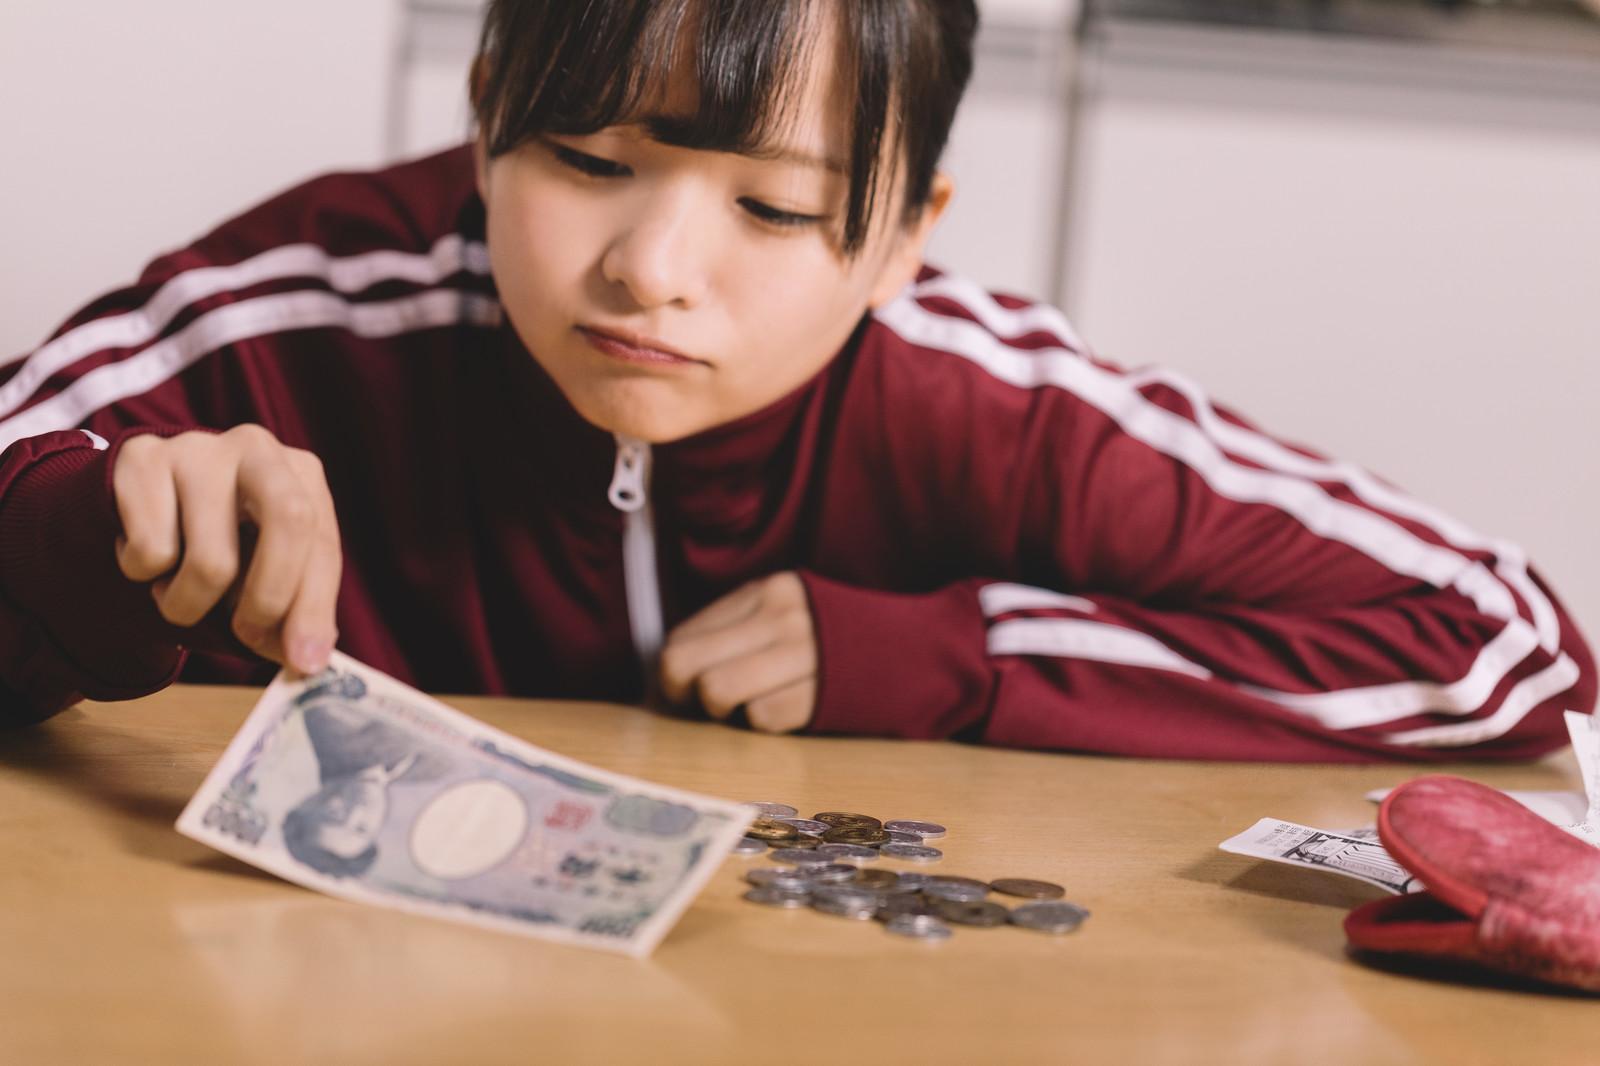 お金がないときはどうすればいい?高額副業を初めてお金を稼ぐべし!